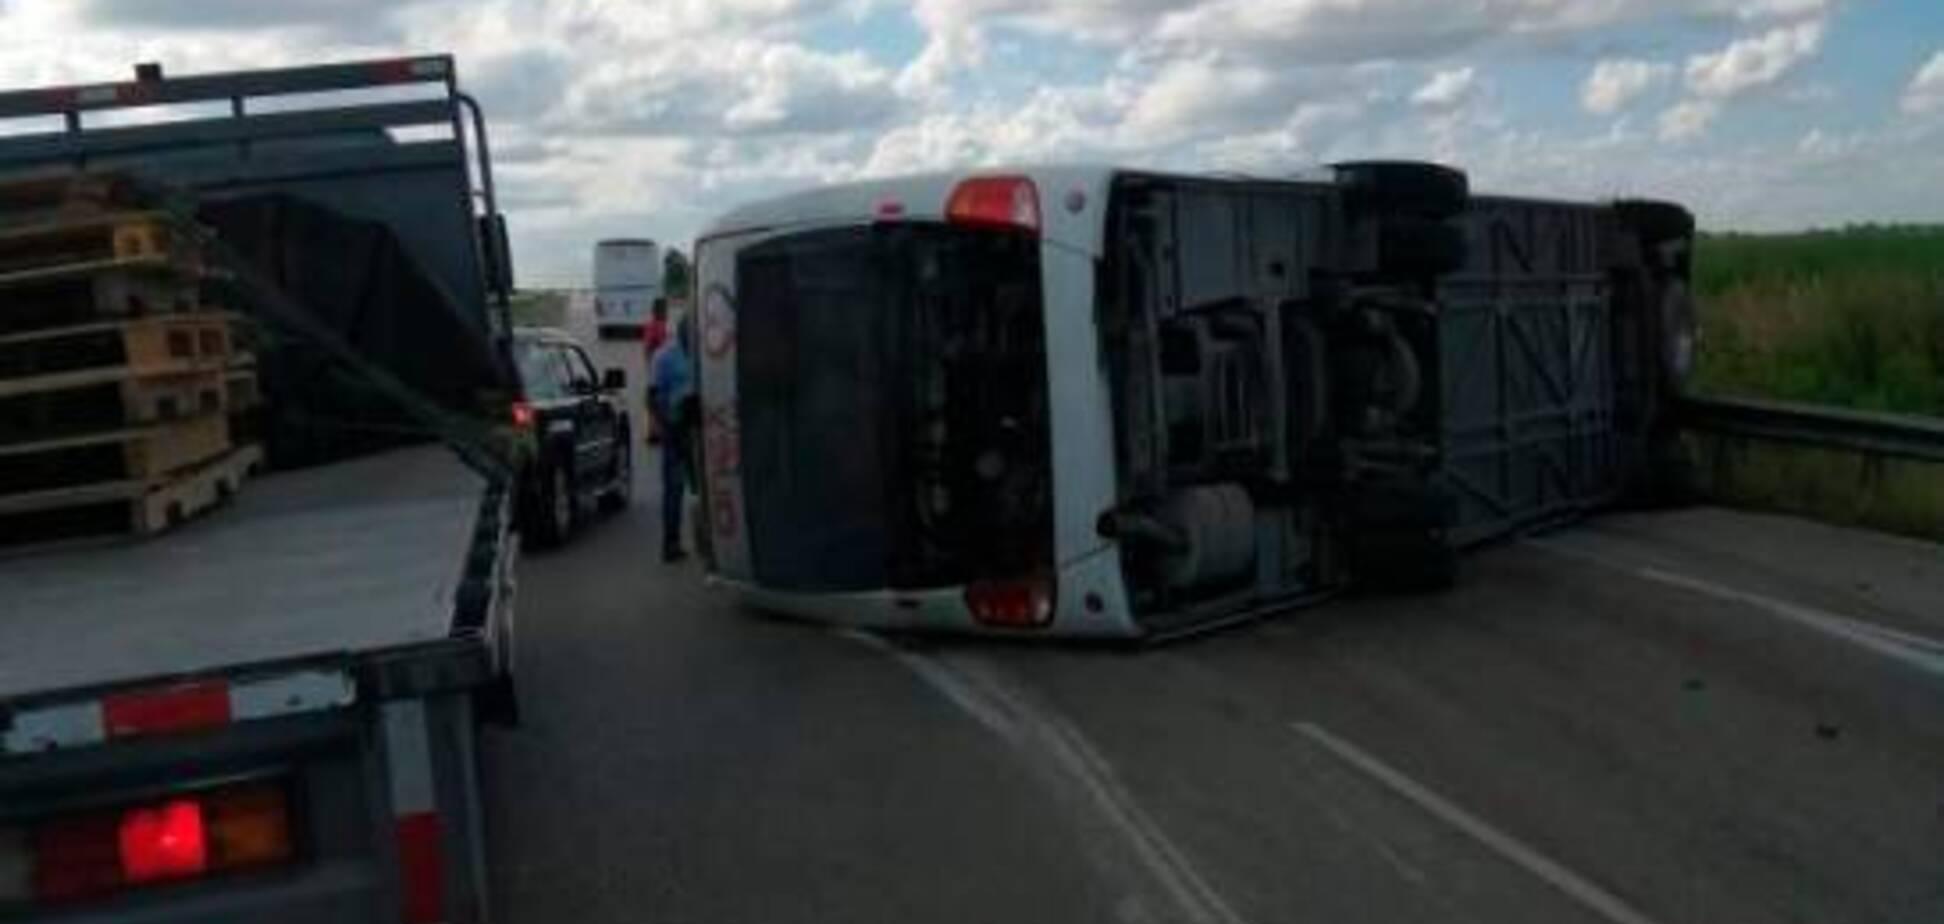 Автобус із росіянами перекинувся в Домінікані: десятки постраждалих. Перші фото й відео ДТП